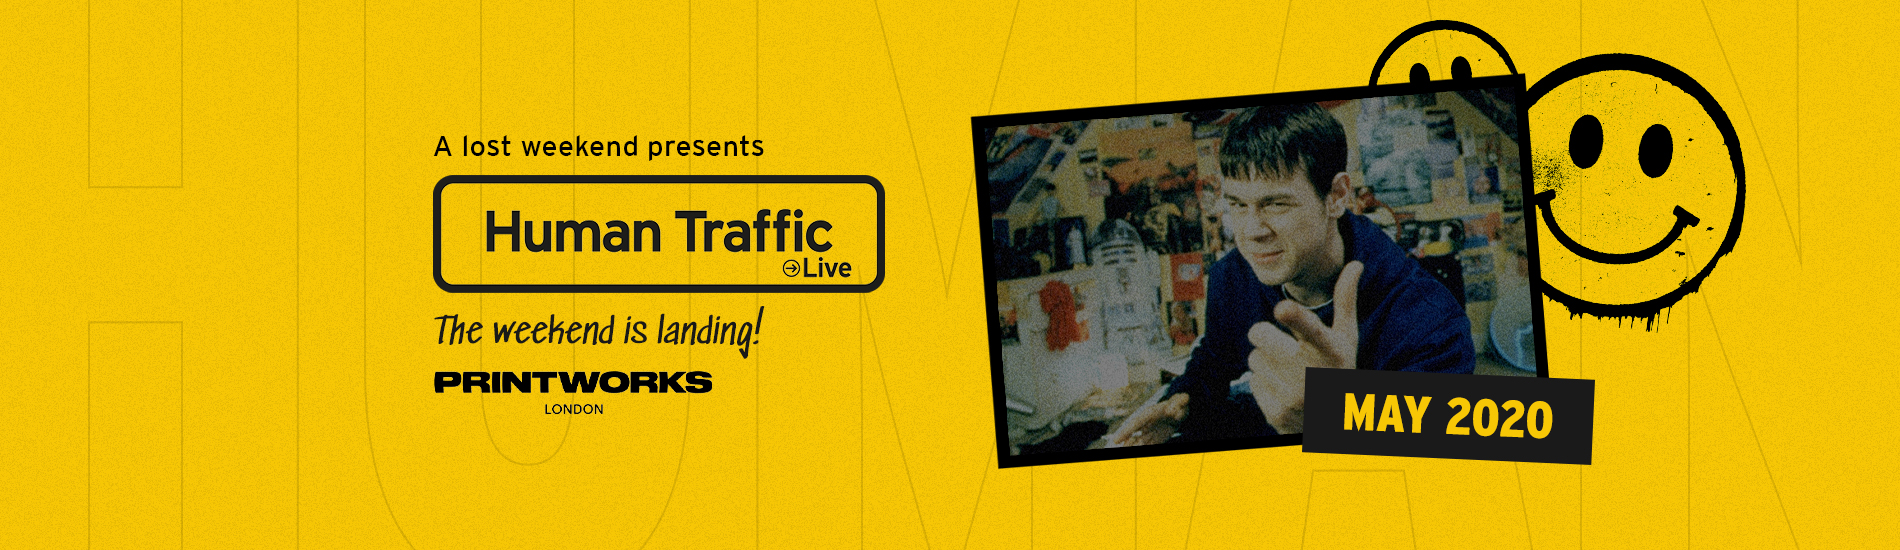 Human Traffic - Live